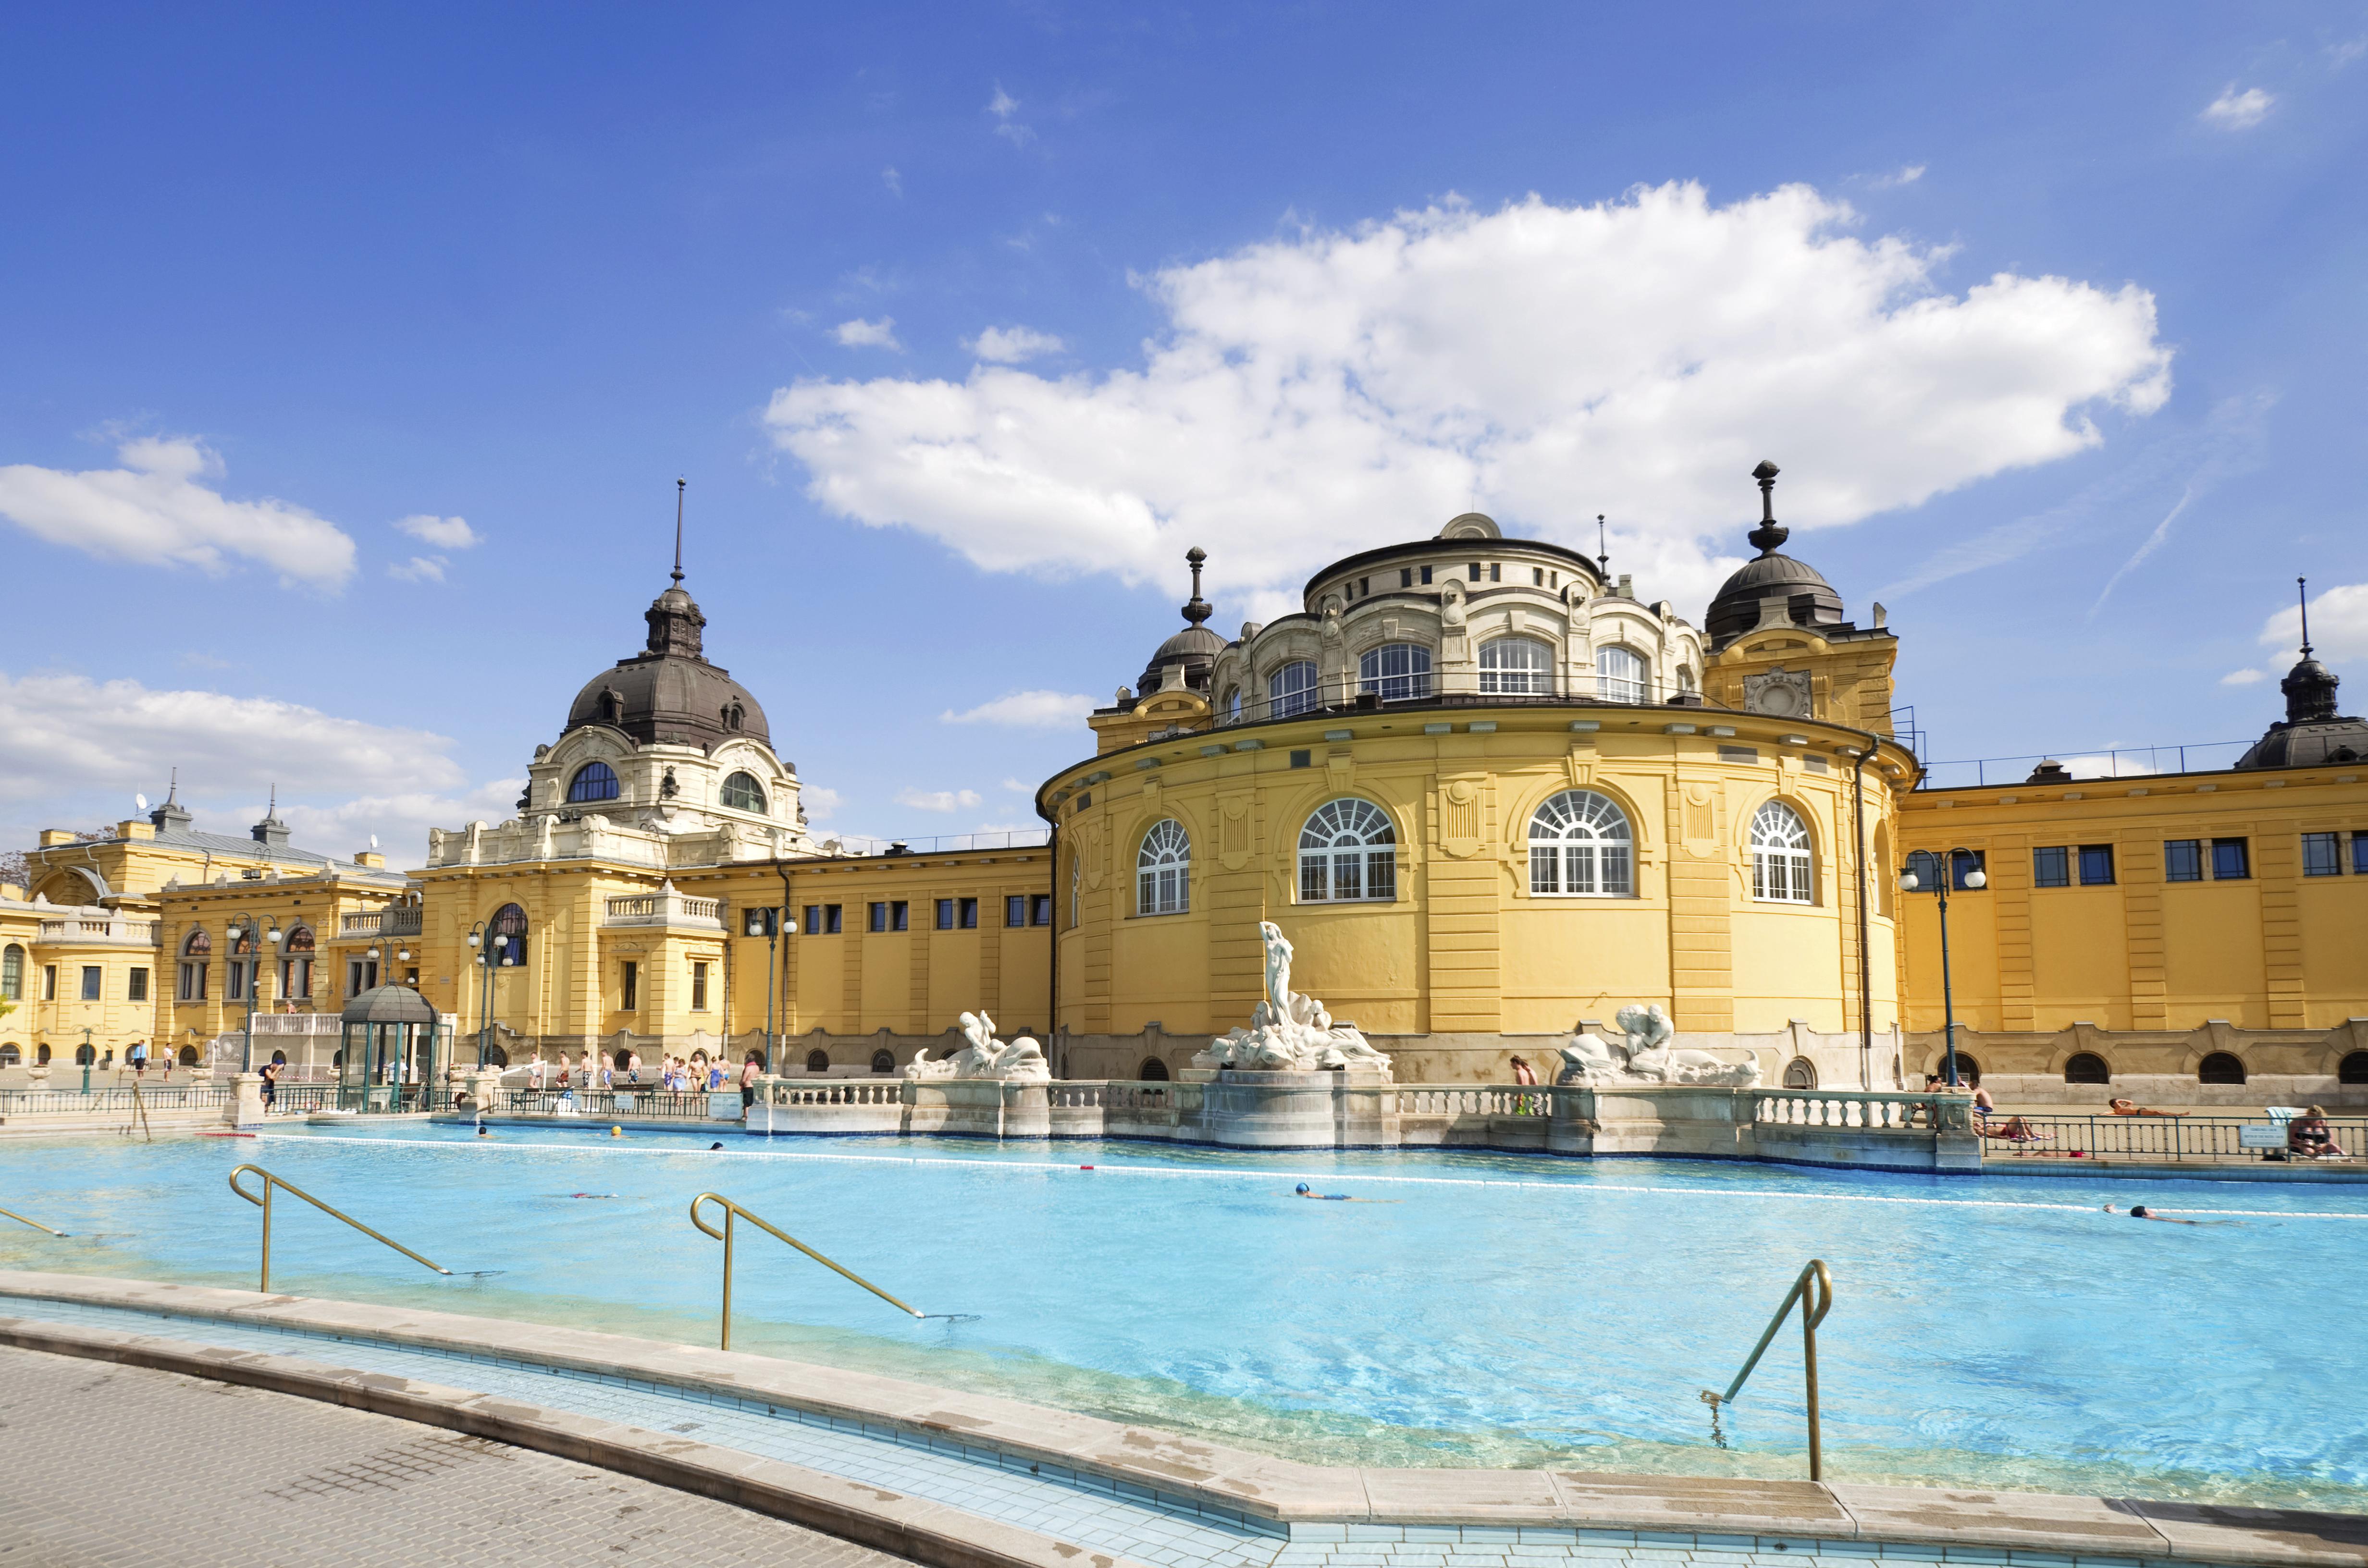 séjourner au Clarence Hotel, l'hôtel de Bono et The Edge. Budapest